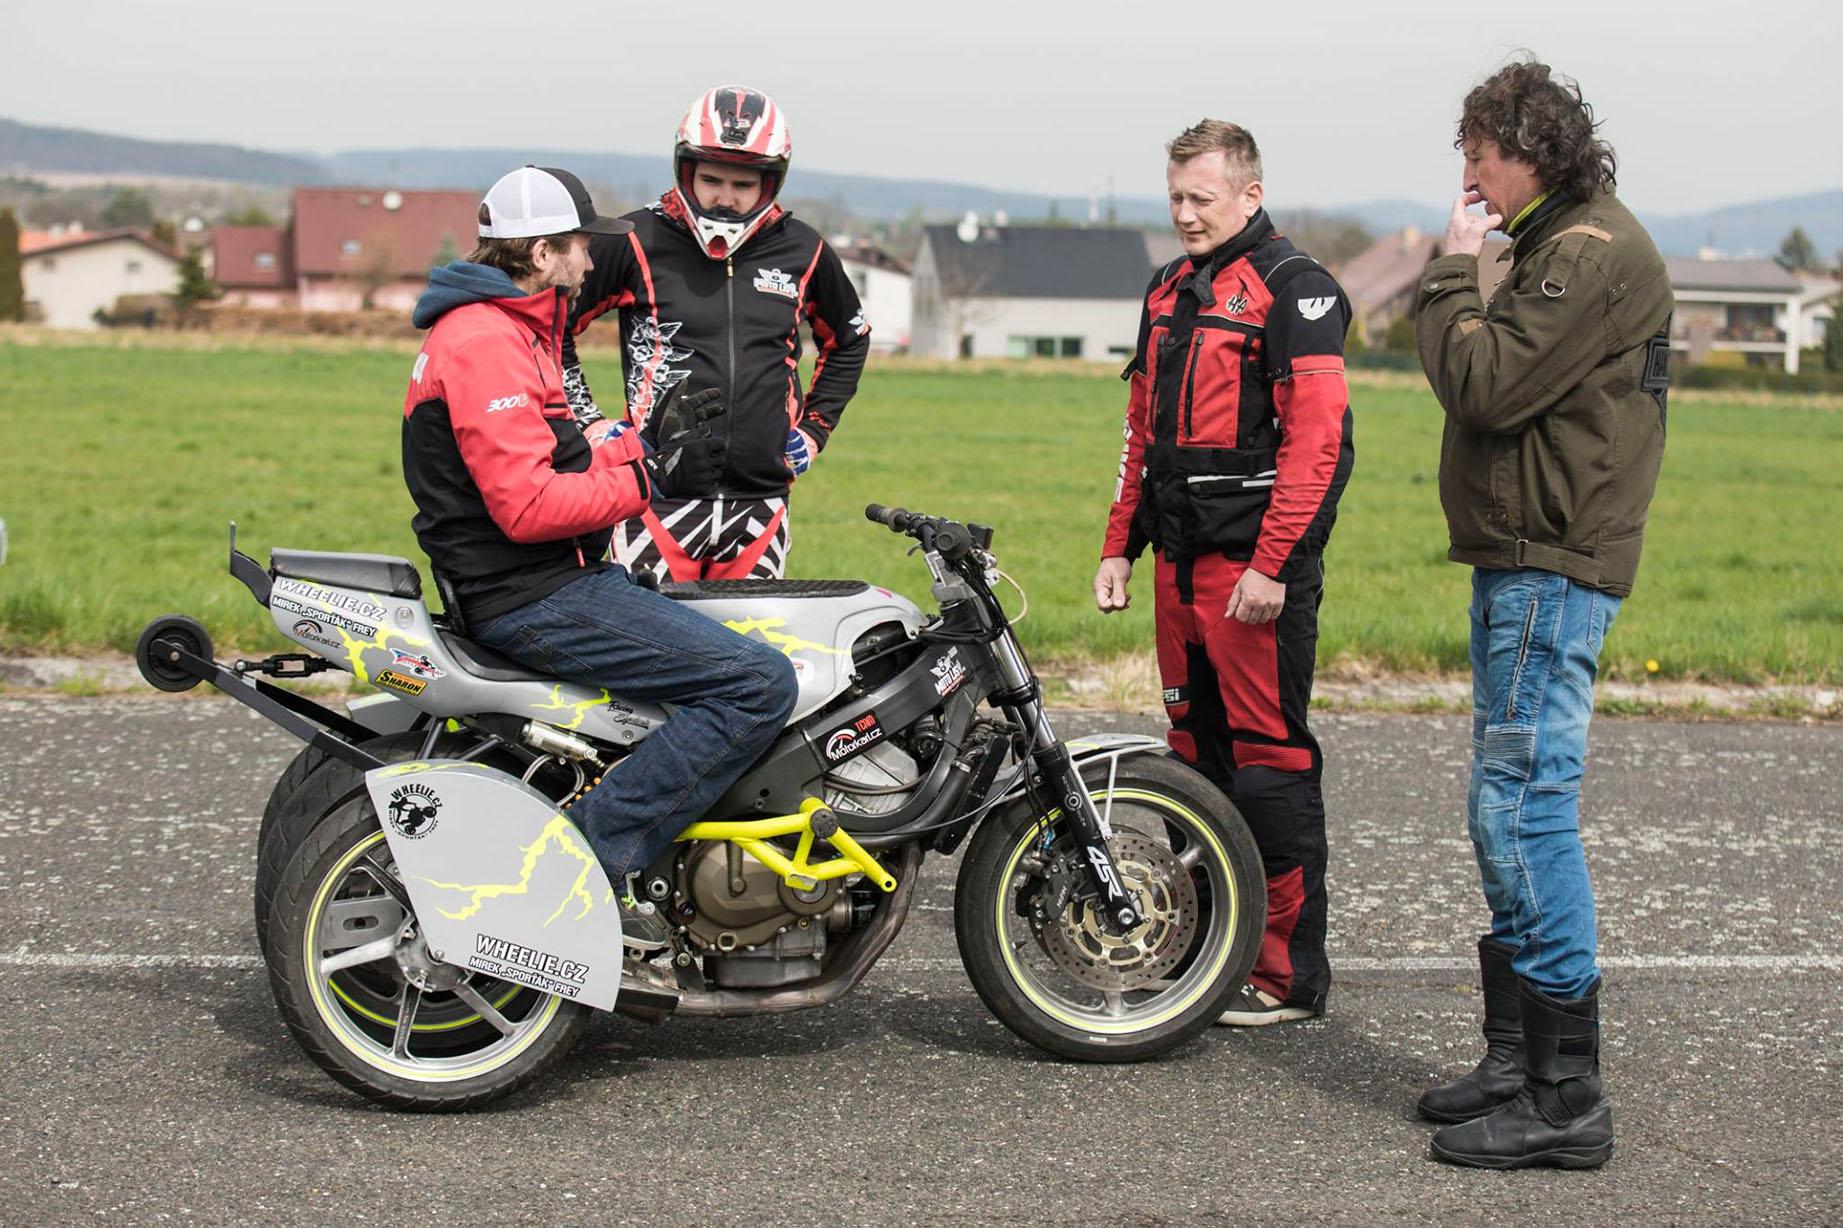 Individuální zážitkový kurz jízdy po zadním kole pro nemotorkáře pod taktovkou motokaskadéra s třináctiletou praxí